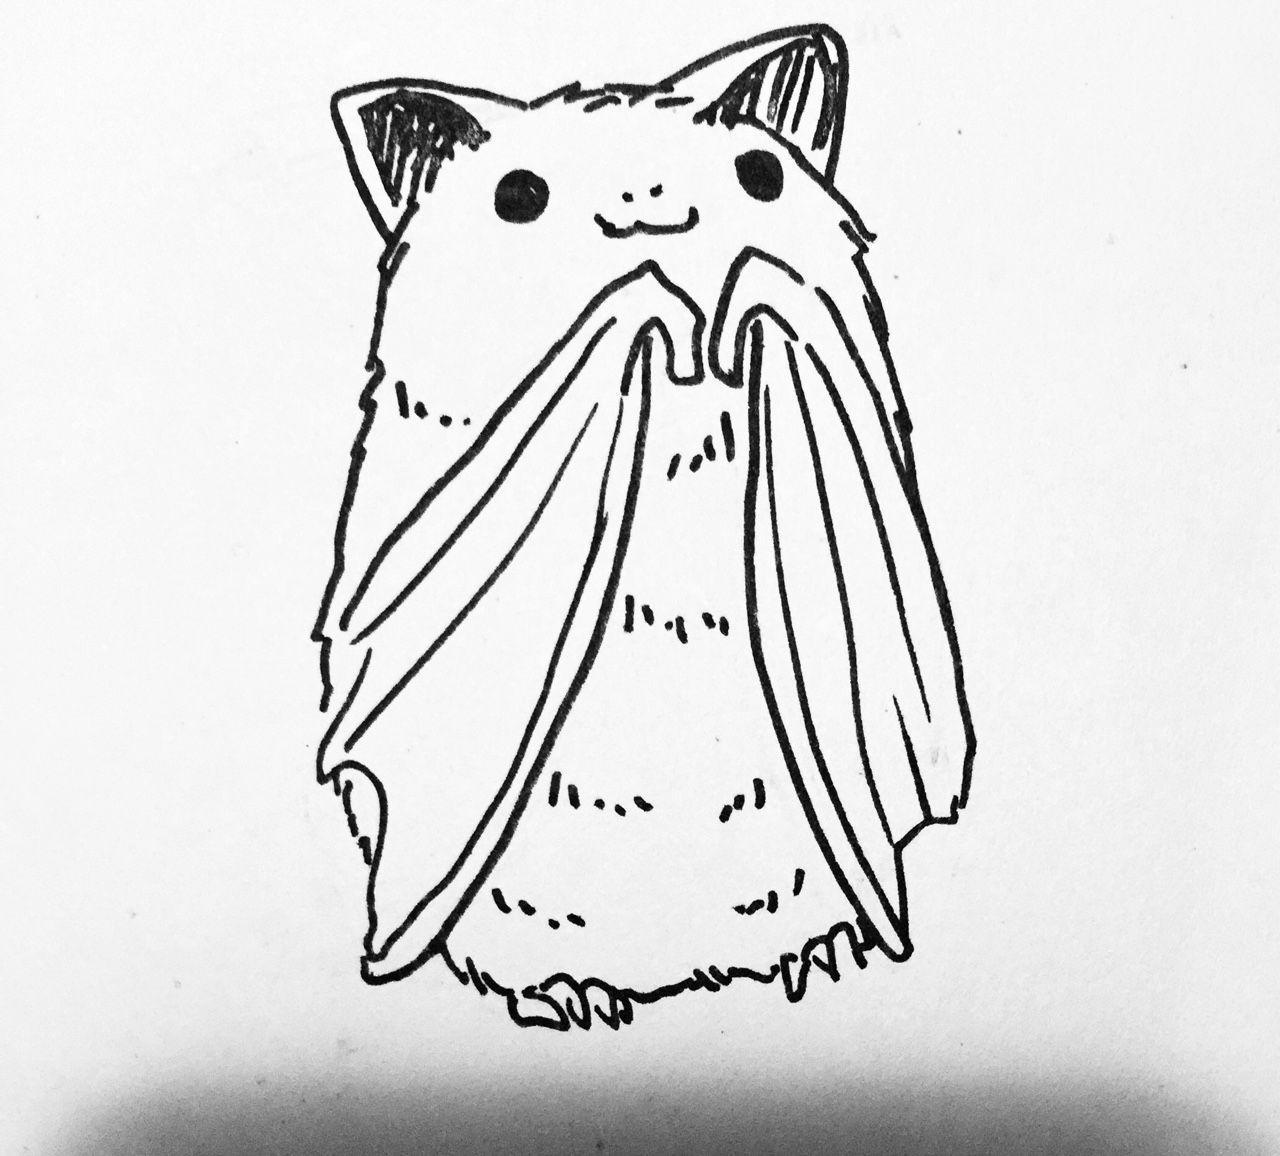 Cute halloween bat drawings